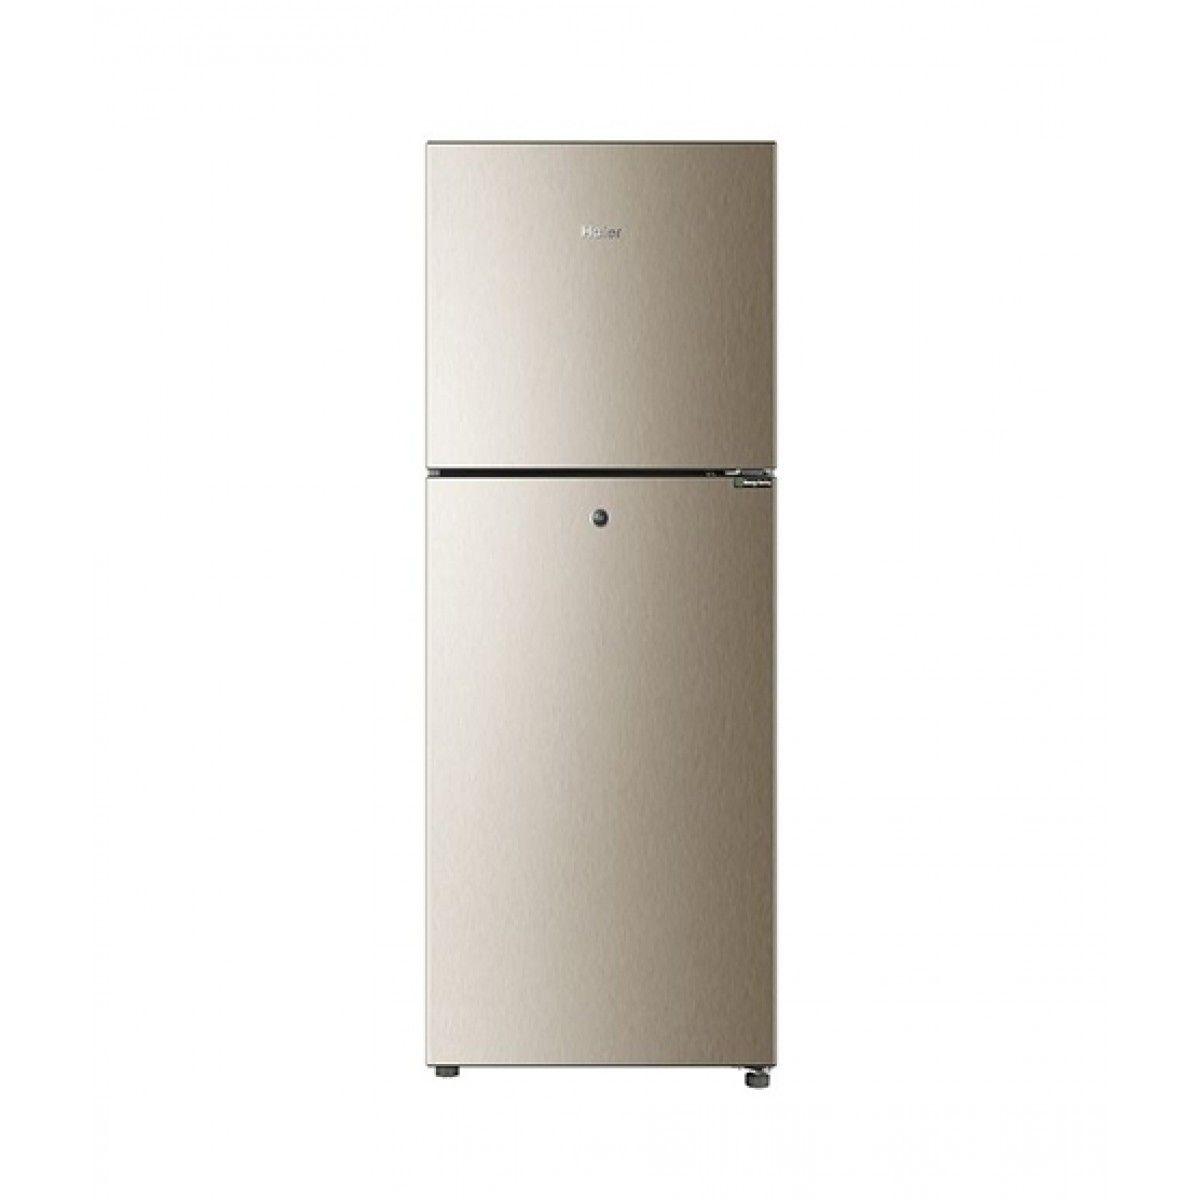 Haier EHRF-276EBD 8.5 Cu Ft Refrigerator